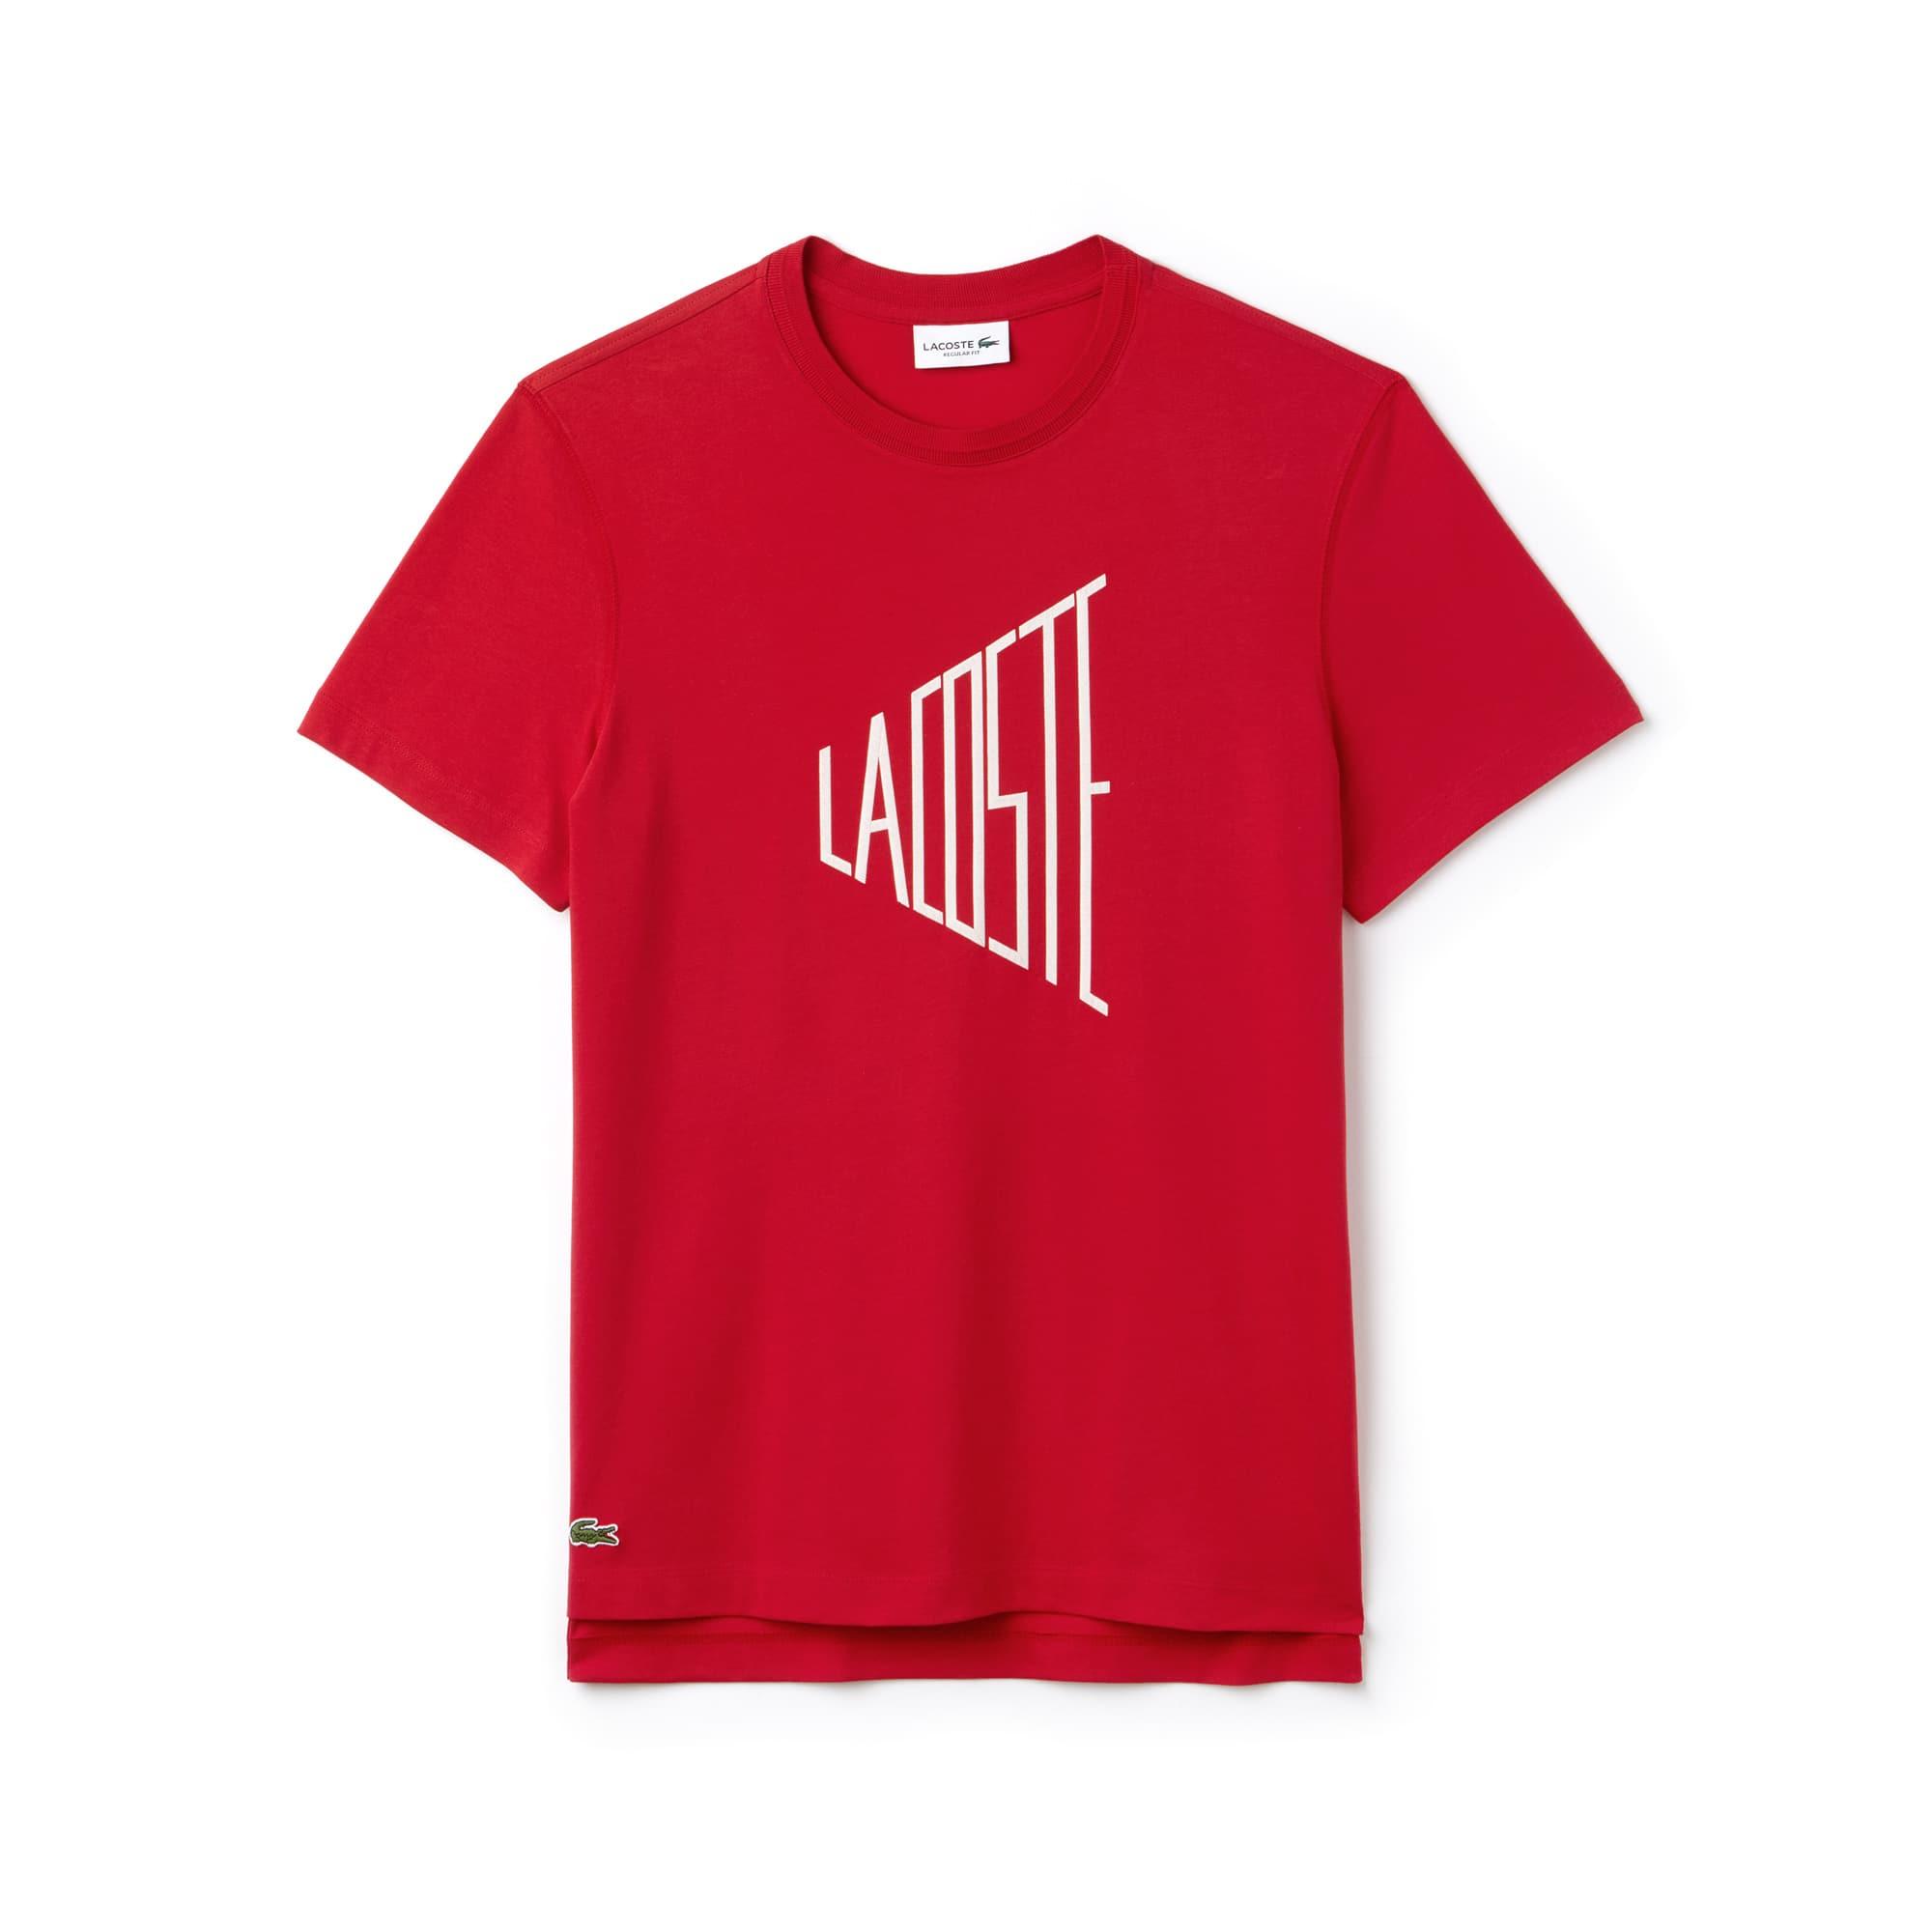 Camiseta de cuello redondo de punto jersey de algodón con marcado Lacoste